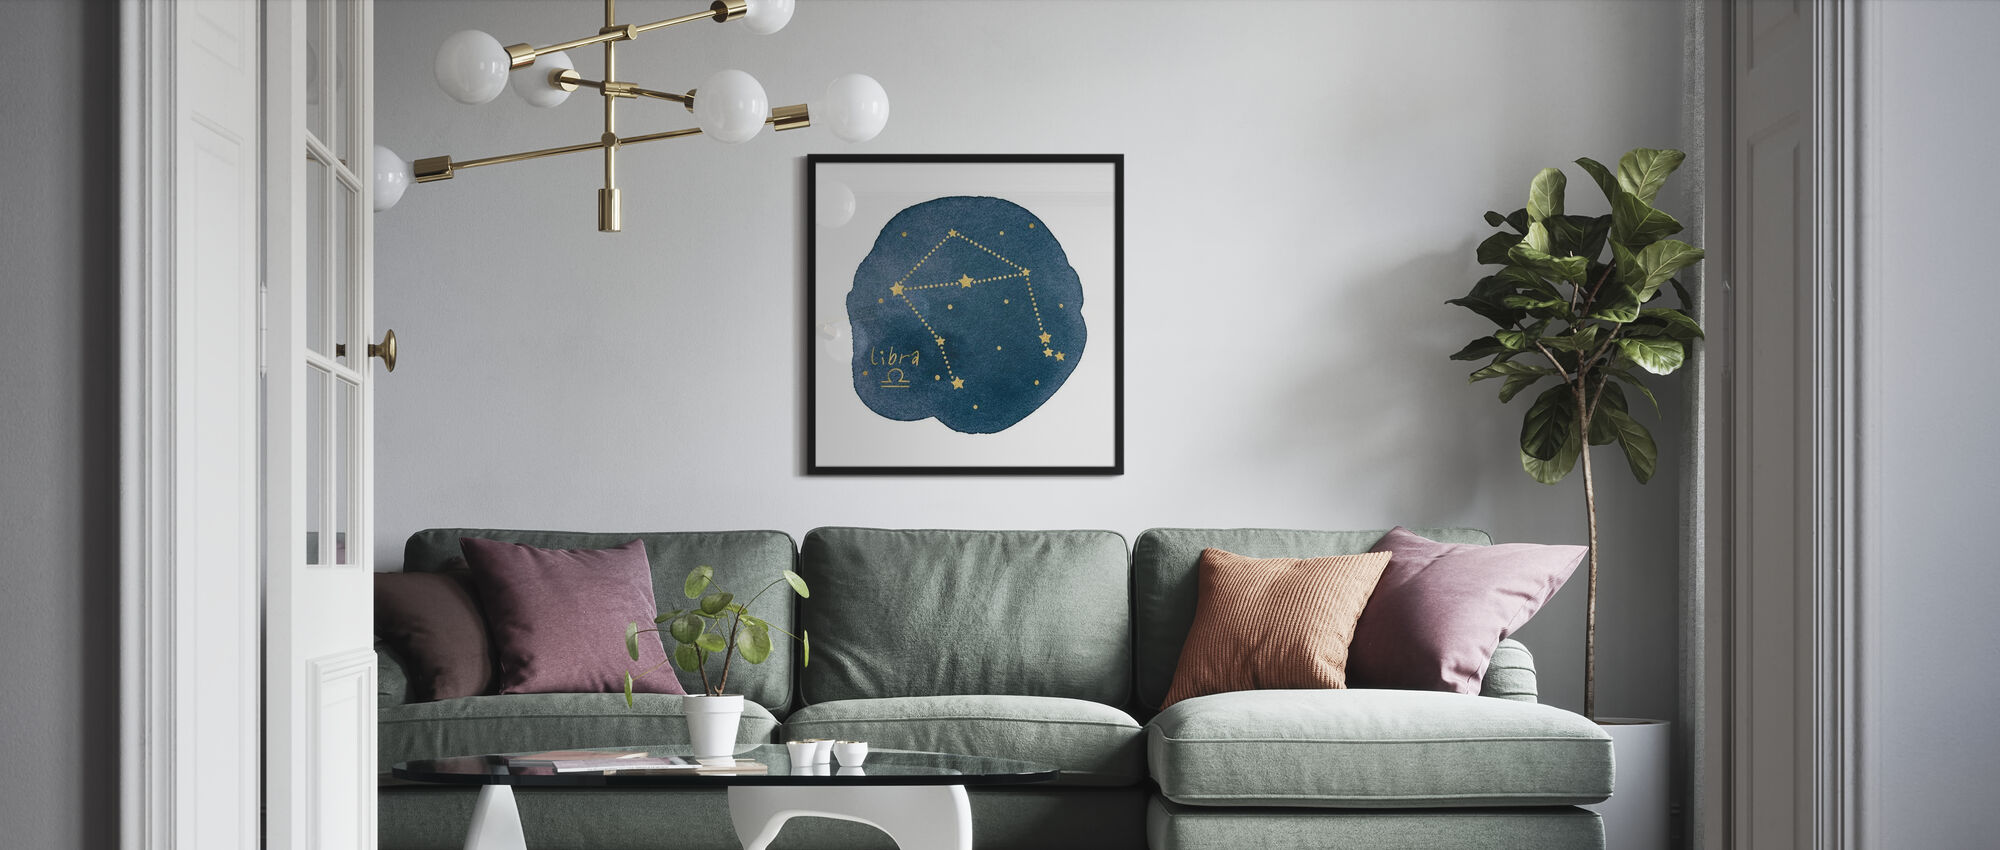 Horoskop Waga - Obraz w ramie - Pokój dzienny